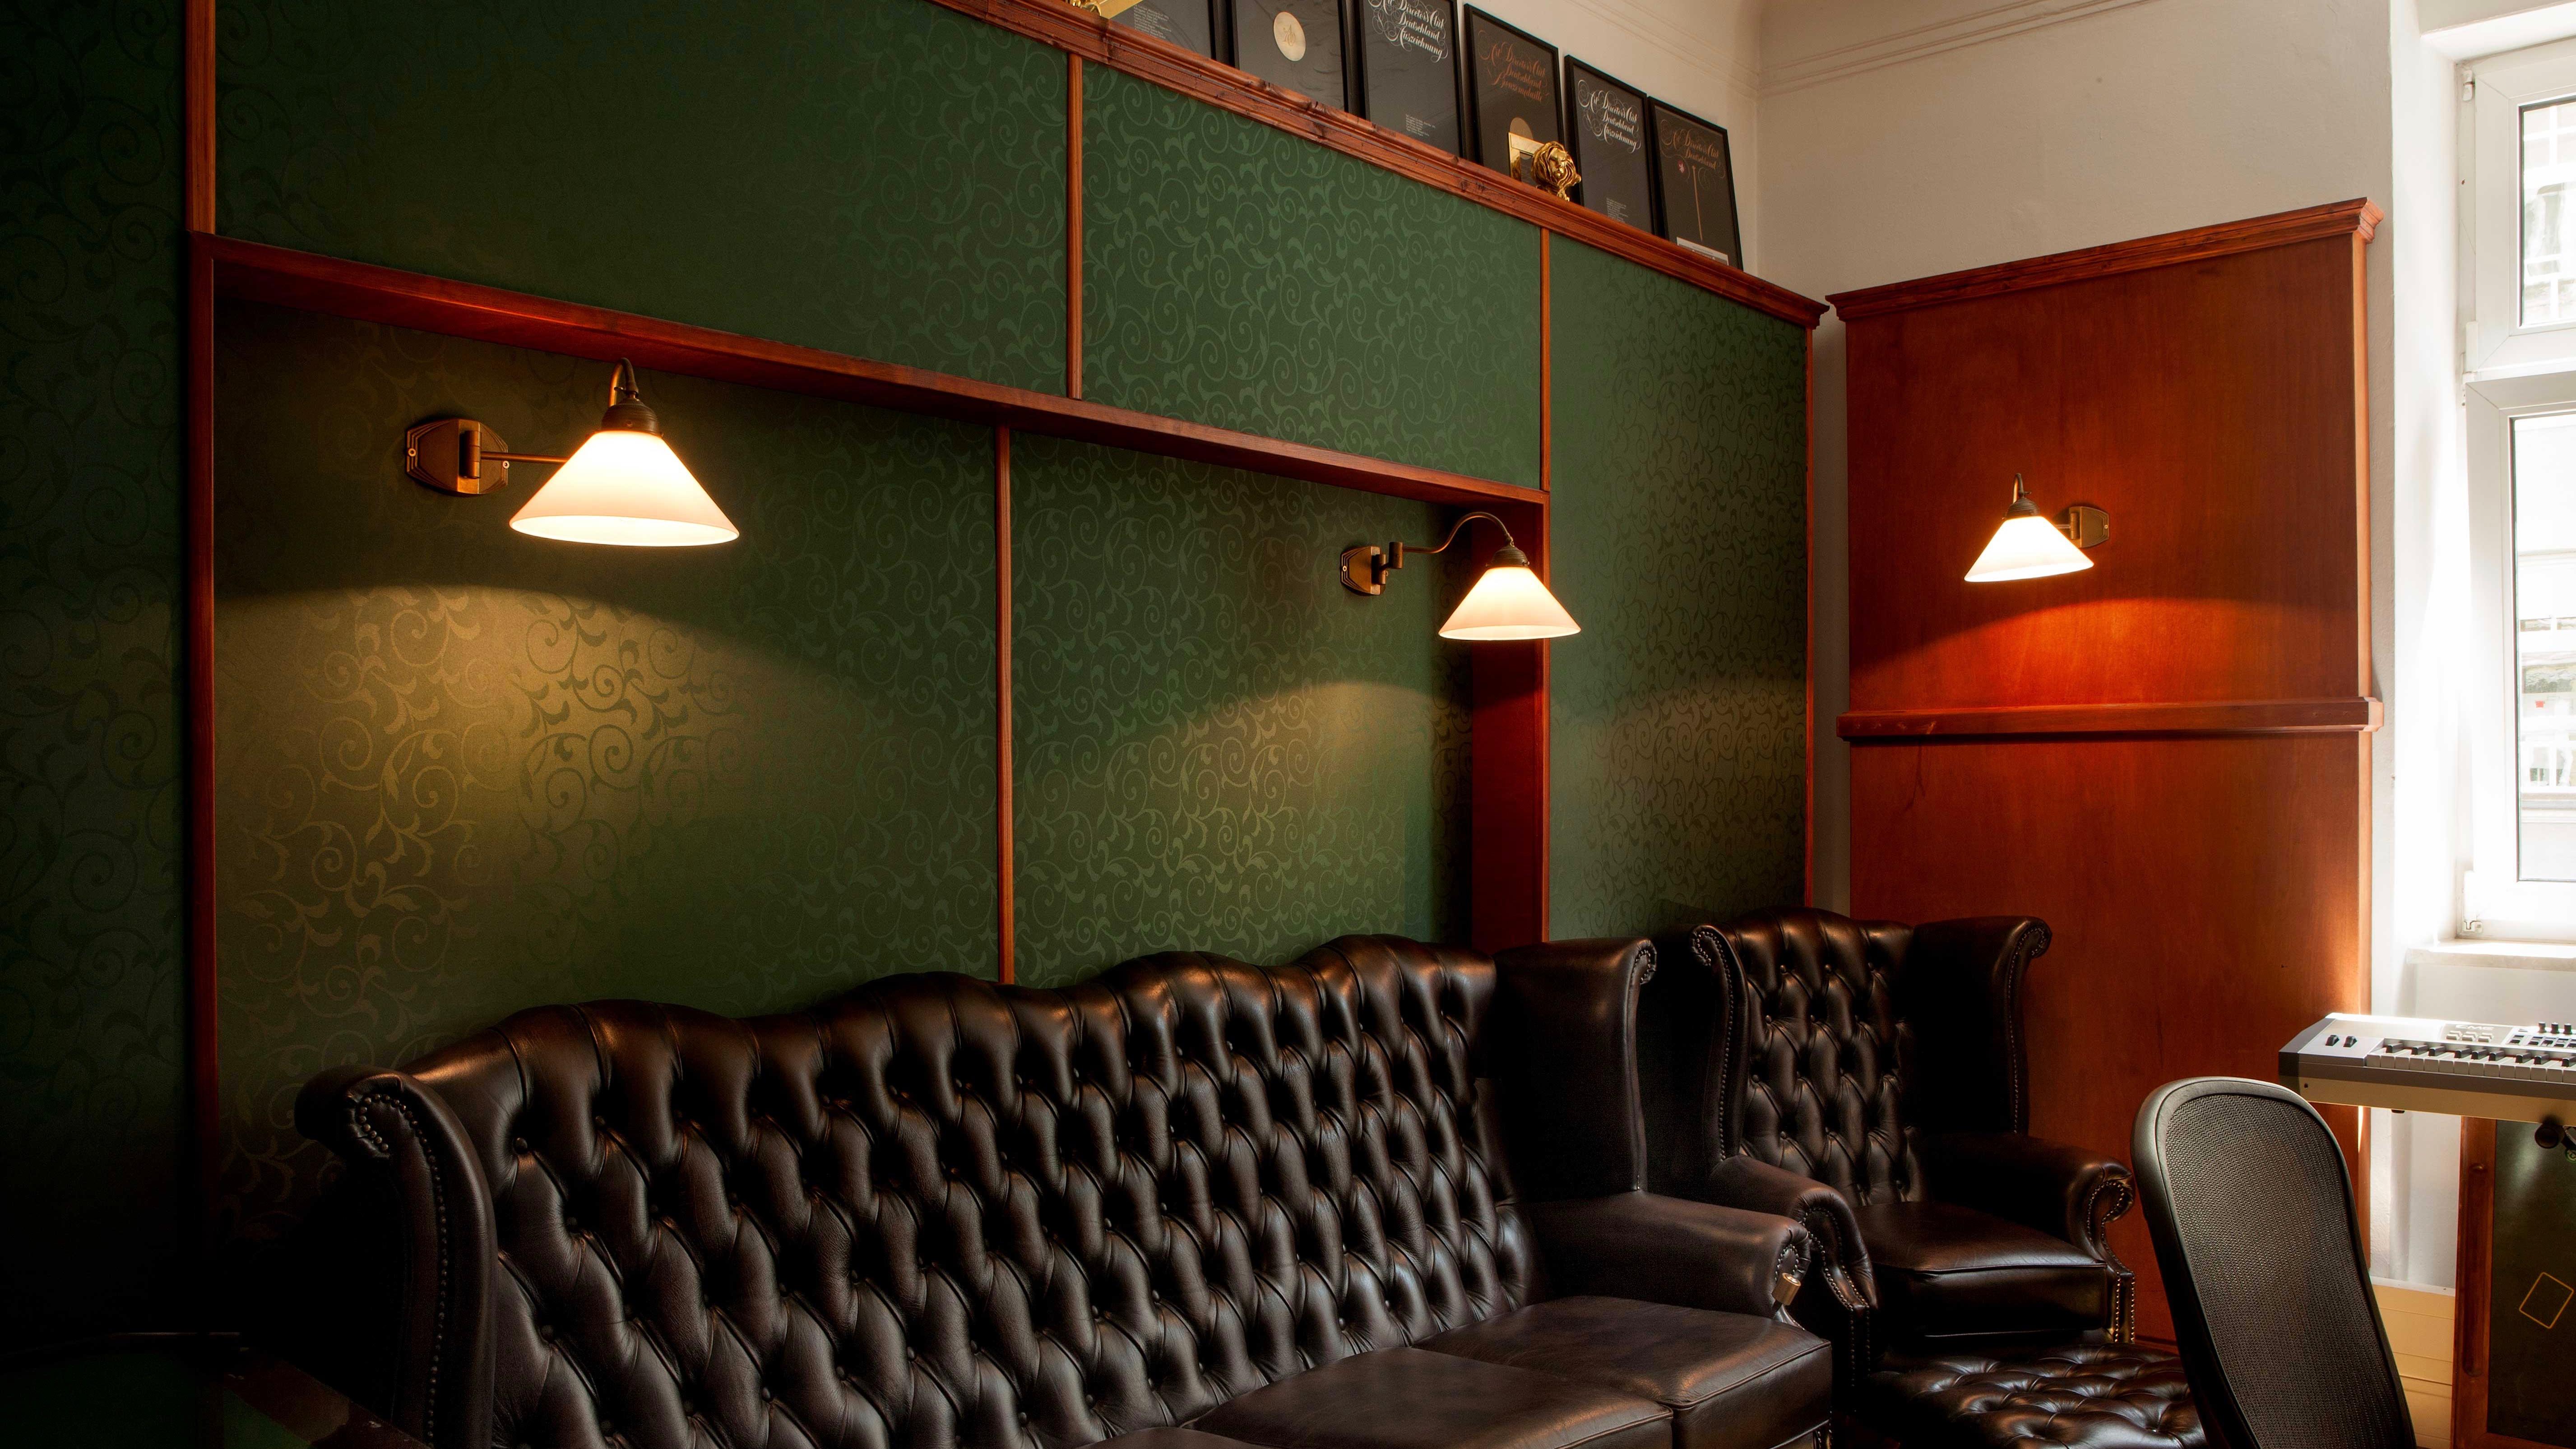 neue westpark studios tonstudio m nchen sprachaufnahmen radiowerbung tonaufnahmestudios. Black Bedroom Furniture Sets. Home Design Ideas